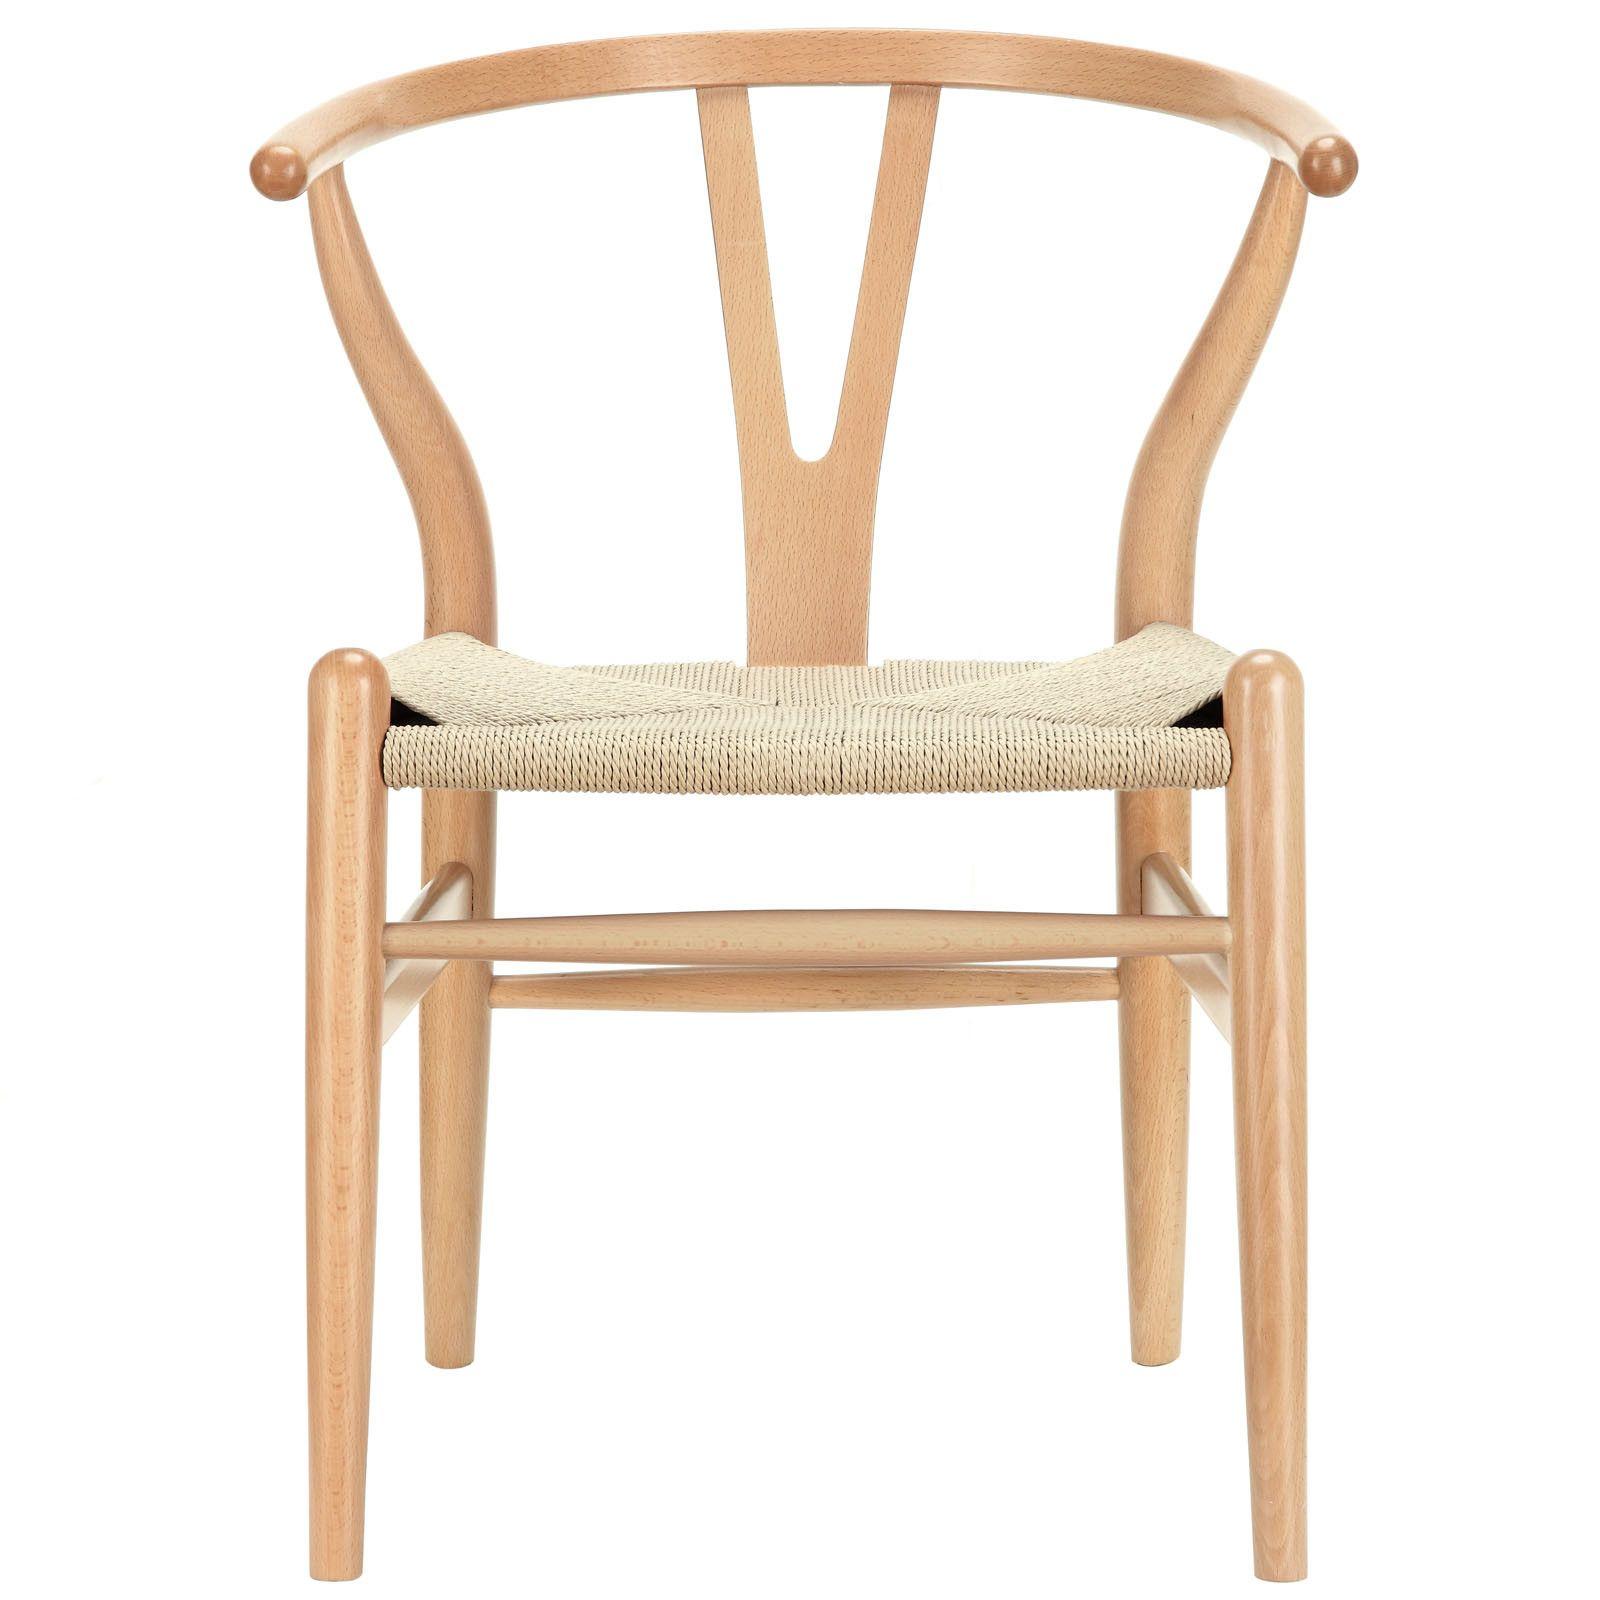 Wegner Wishbone Chair Reproduction